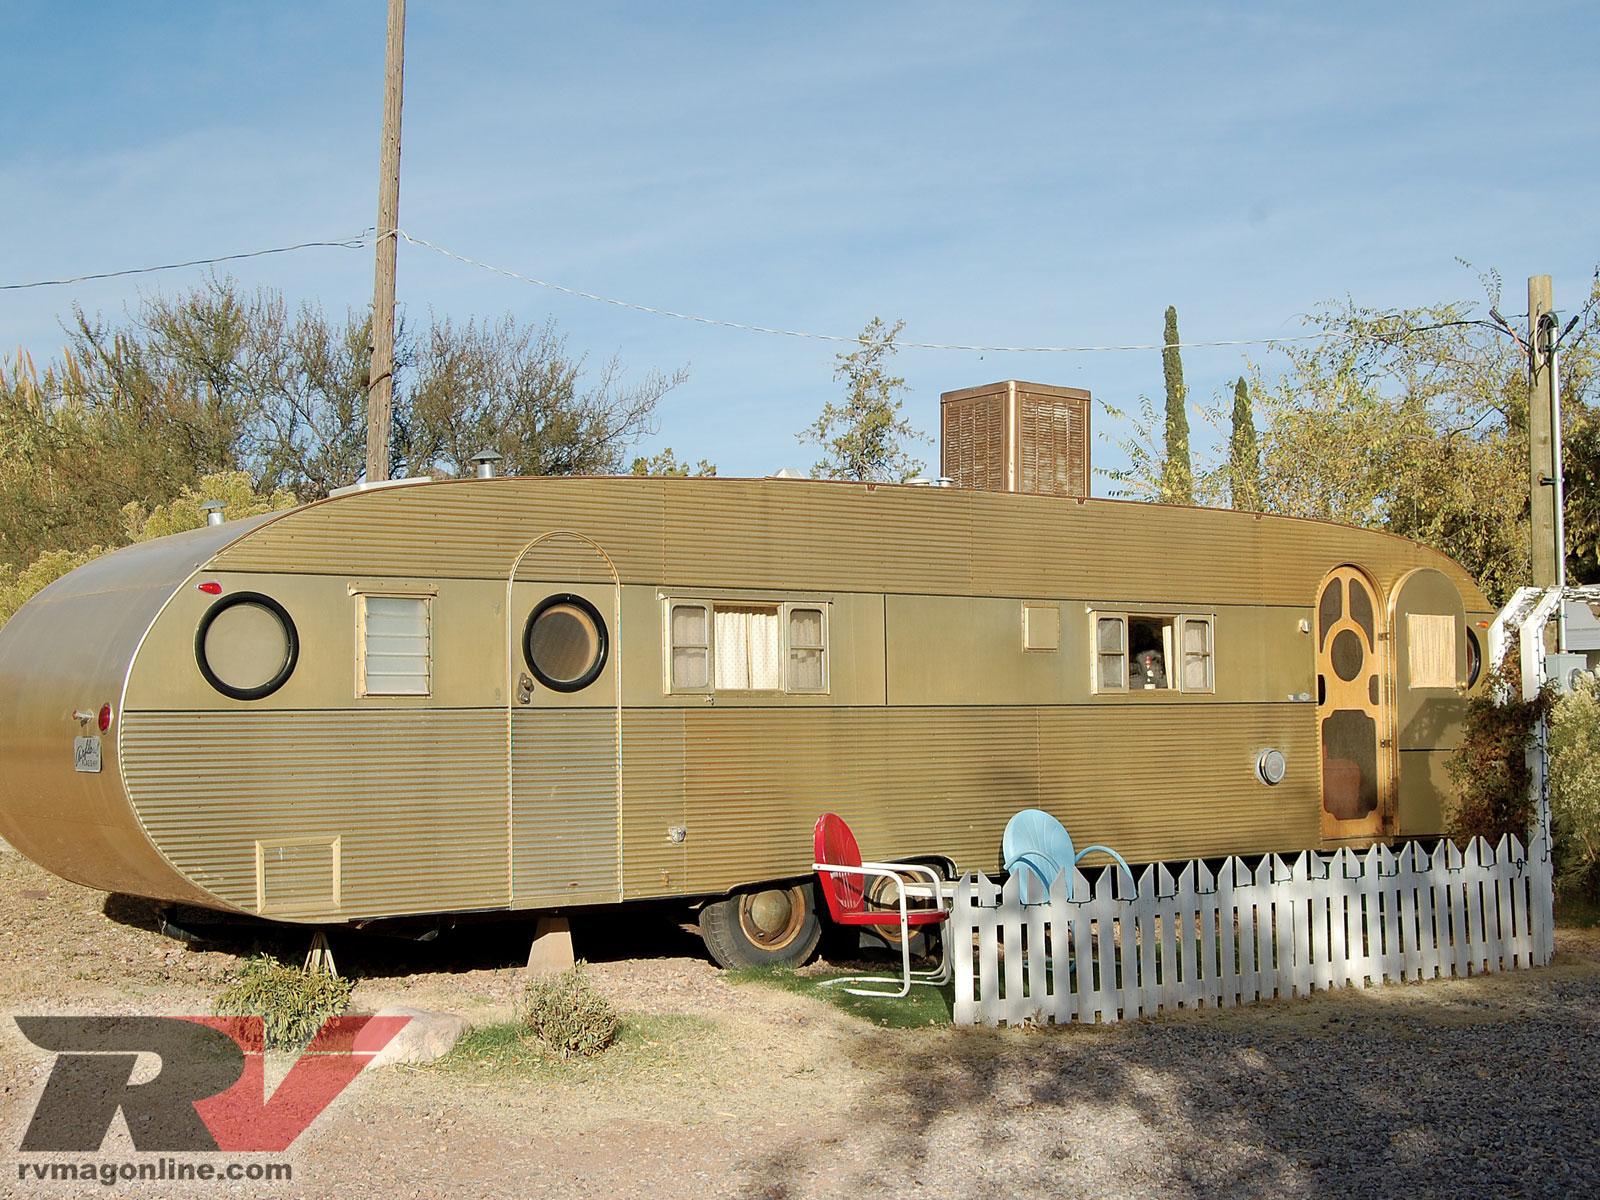 Vintage Trailer Resort >> Shady Dell Vintage Trailer Resort Time Warp Photo Image